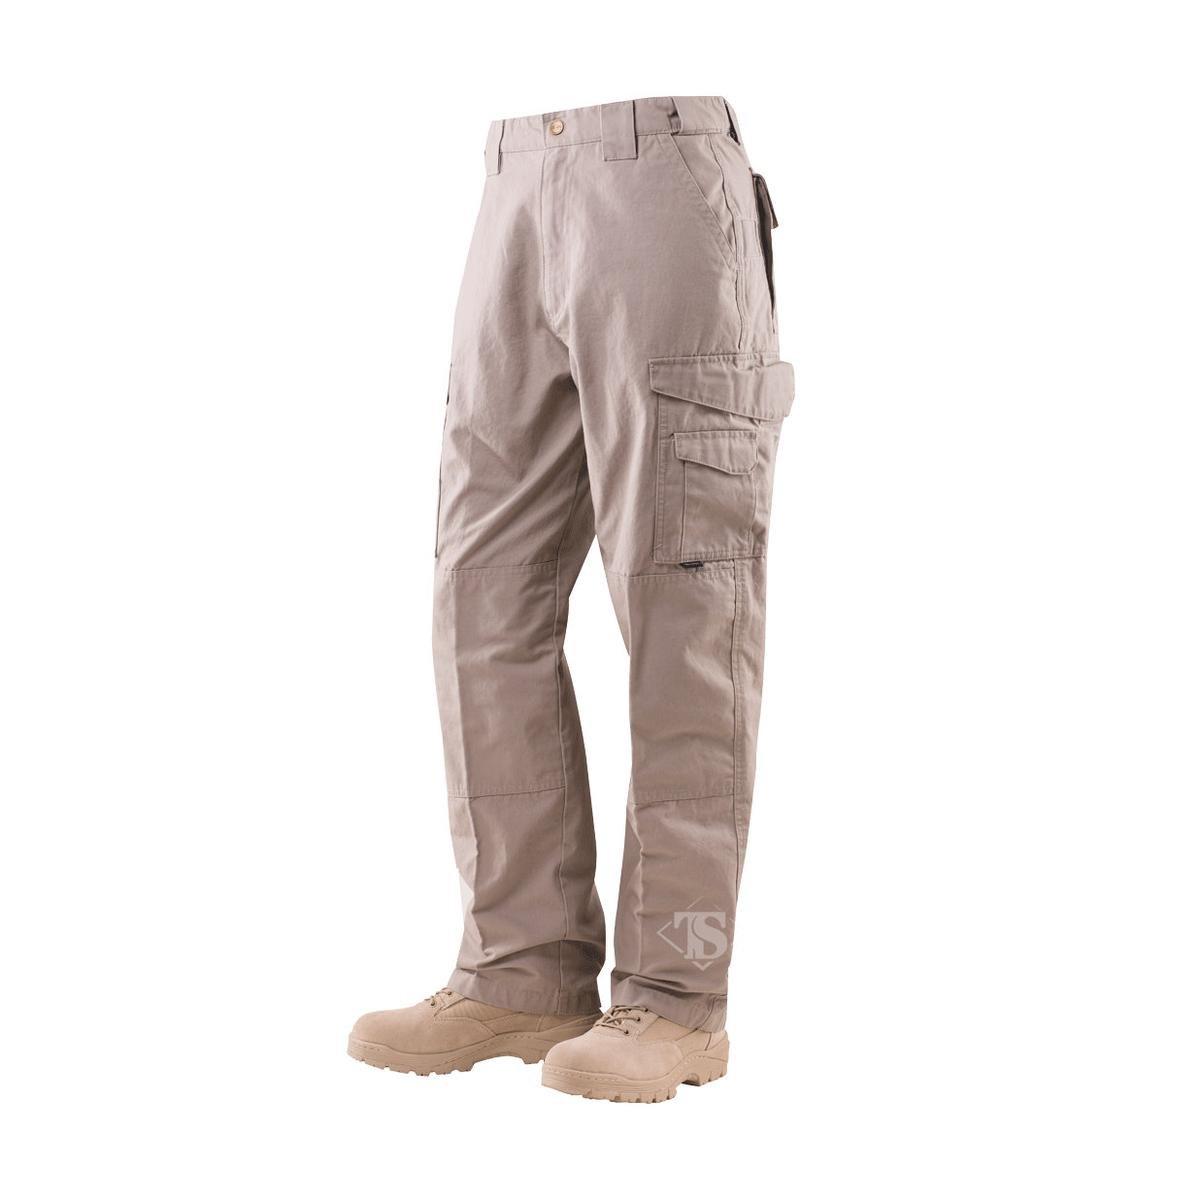 Tru-Spec Men's Cotton 24-7 Pant, Khaki, 36-Inch Unhemmed